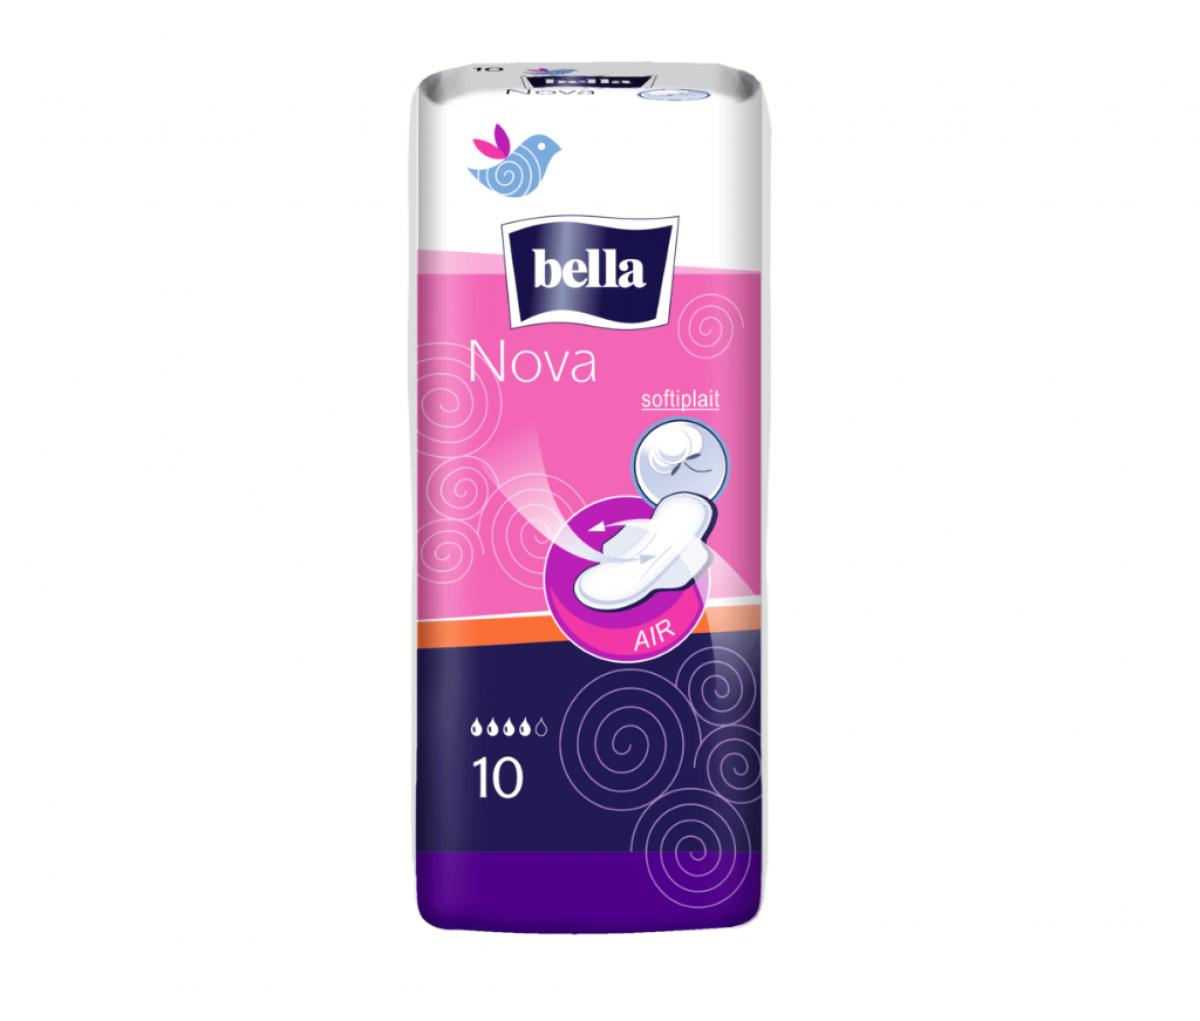 TZMO Bella Nova A10